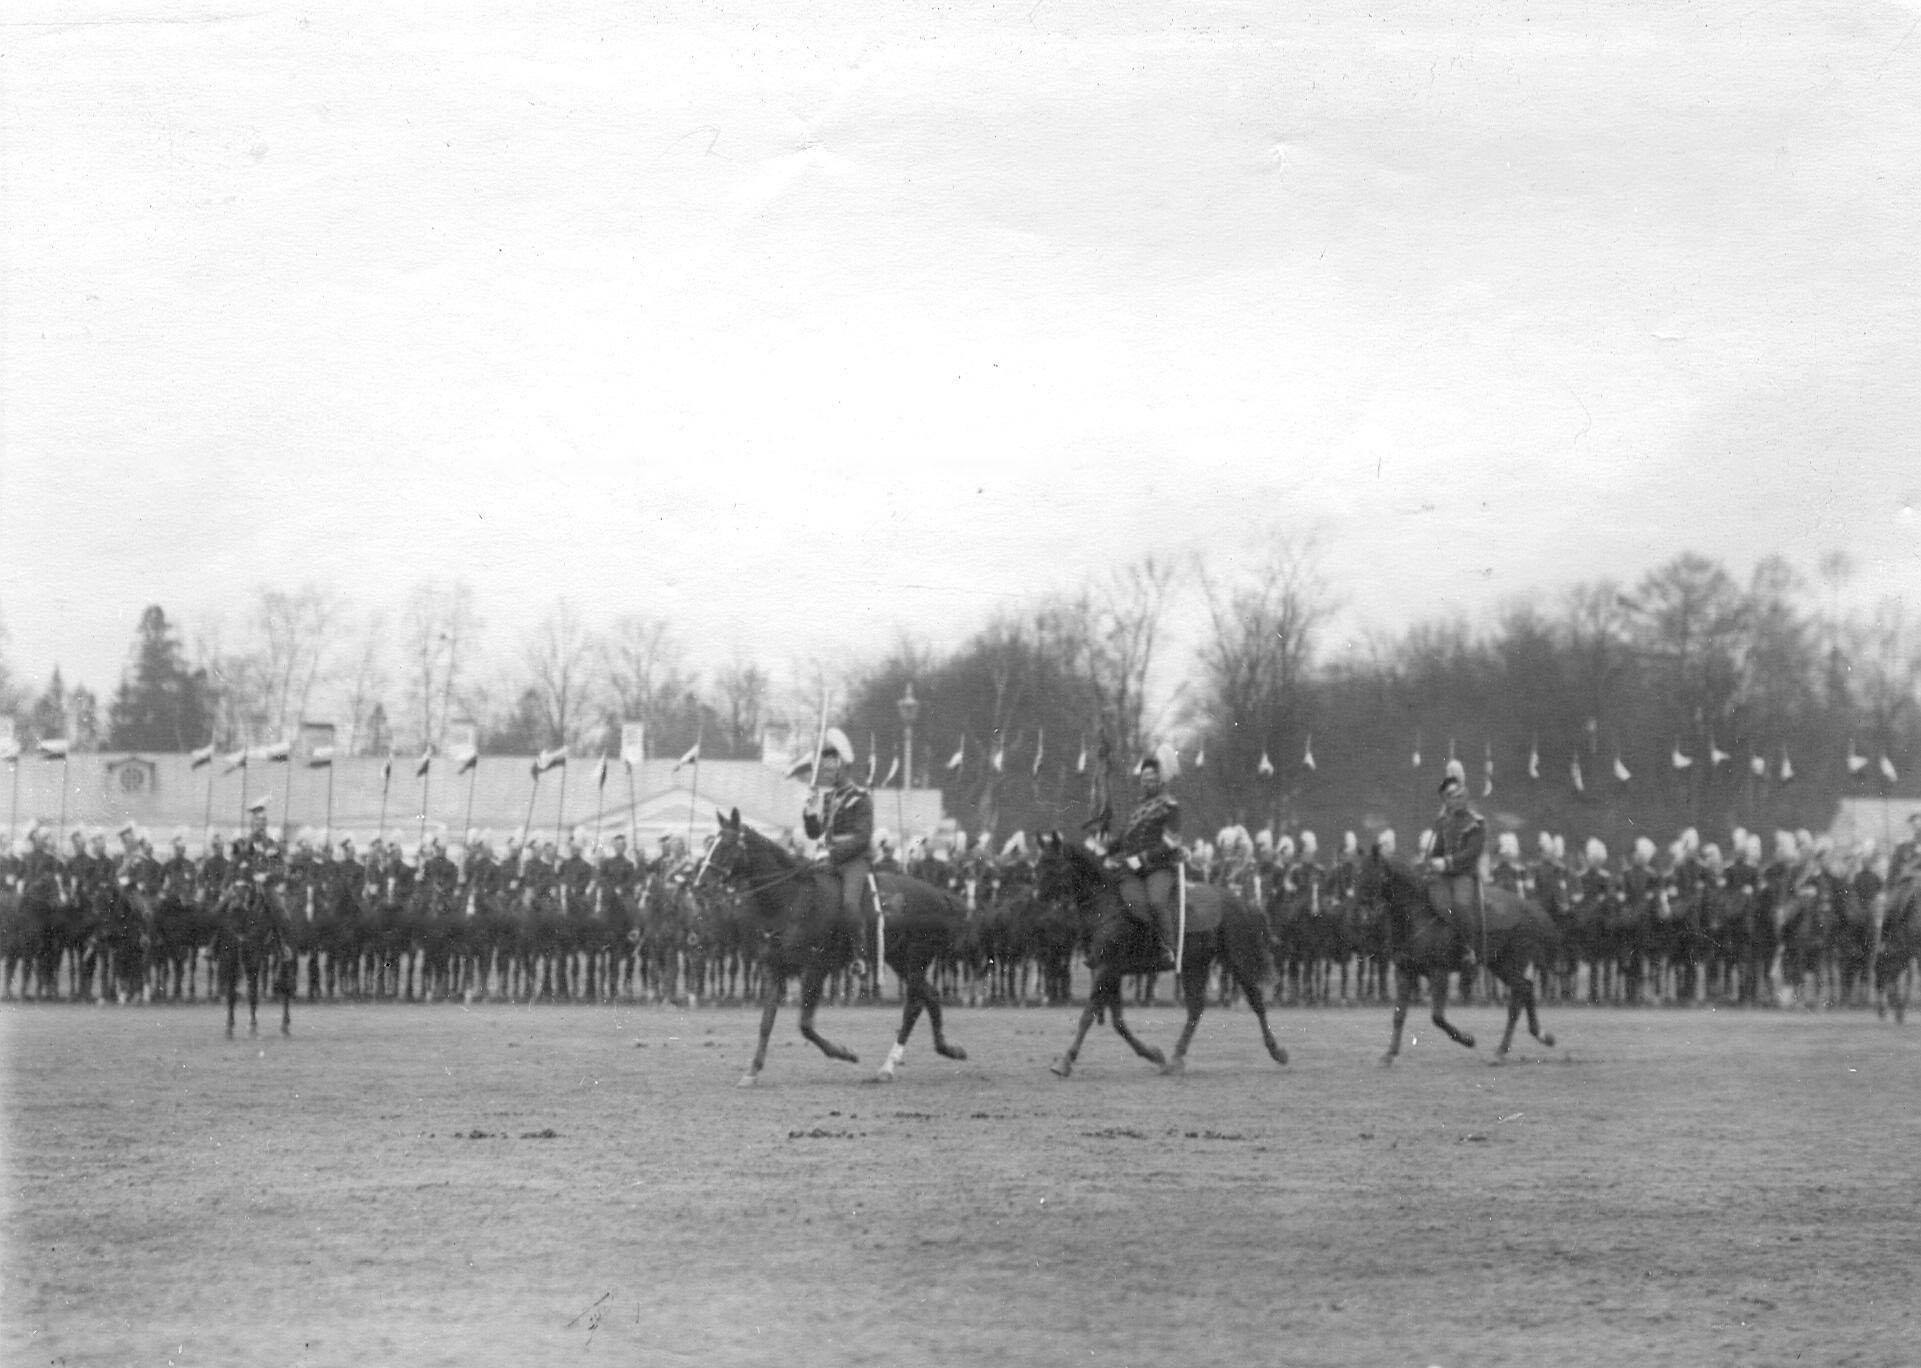 Адъютант полка, вахмистр с полковым штандартом на плацу перед Екатерининским дворцом во время парада Уланского Её Величества лейб-гвардии полка